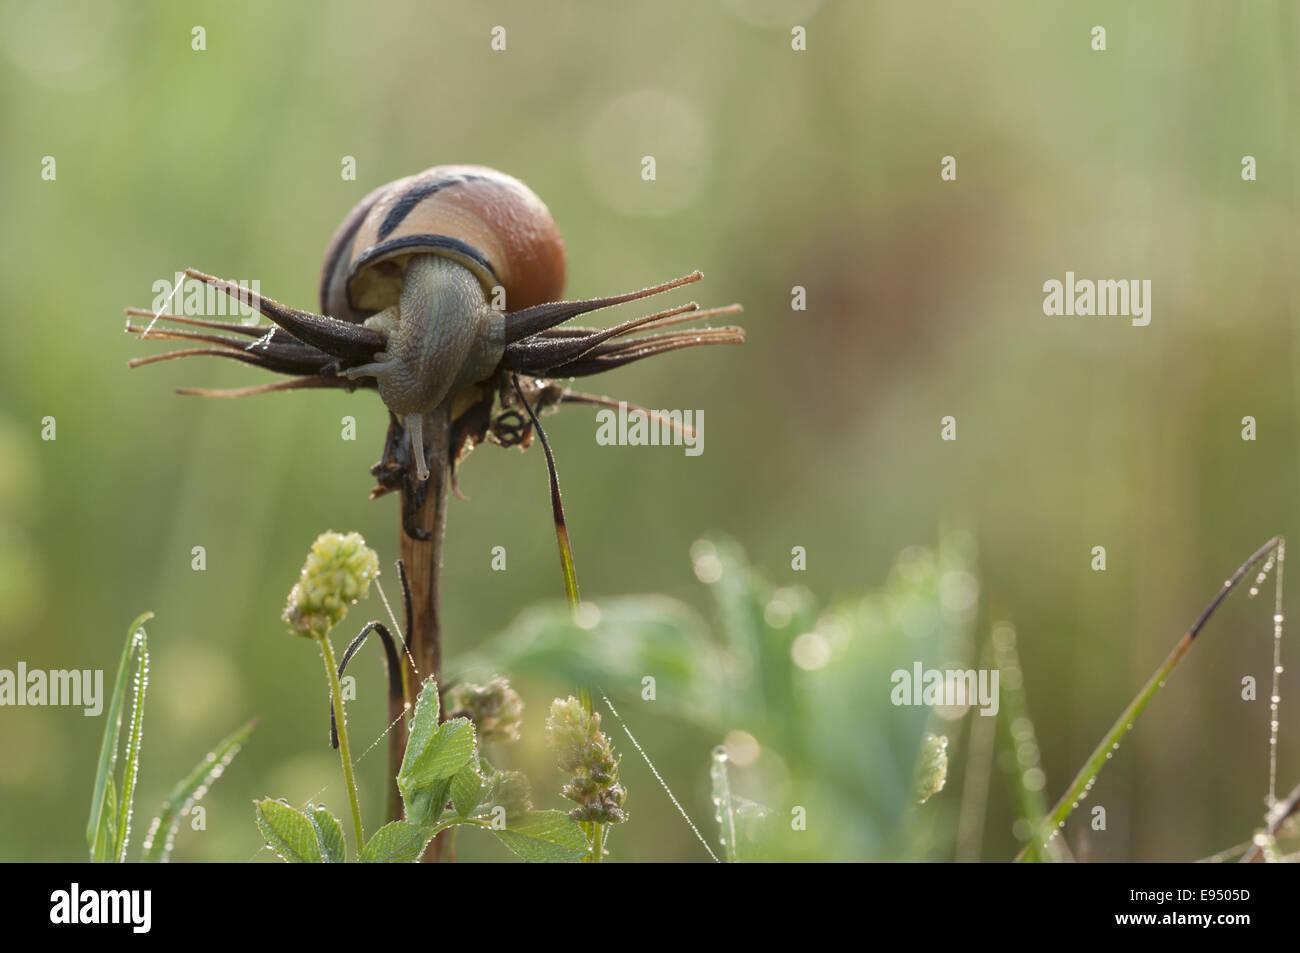 Hain-Schnecke (Bänderschnecken Nemoralis), Deutschland Stockbild